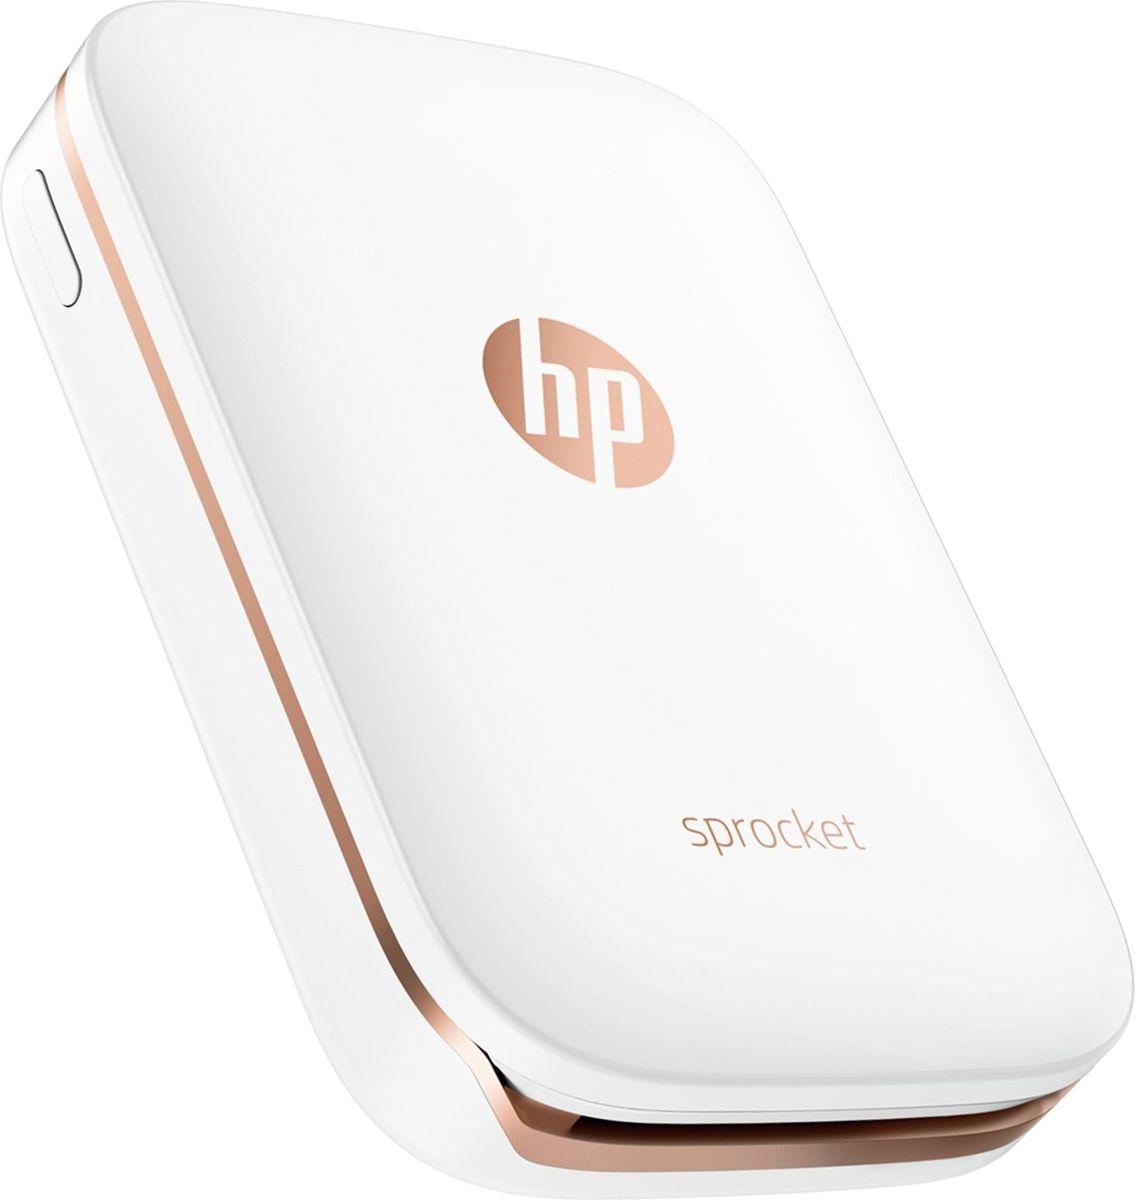 HP Sprocket, White фотопринтер1000454076Фотопринтер HP Sprocket позволяет печатать фото со смартфона или планшета так же легко, как и размещать их в соцсетях. Сохраните прекрасные мгновения, проведенные с друзьями, благодаря моментальным снимкам или наклейкам размером 5 x 7,6 см (2 x 3 дюйма). Благодаря своим компактным размерам, принтер можно взять с собой куда угодно. Загрузите бесплатное приложение HP Sprocket для настройки ваших фотографий перед их печатью.